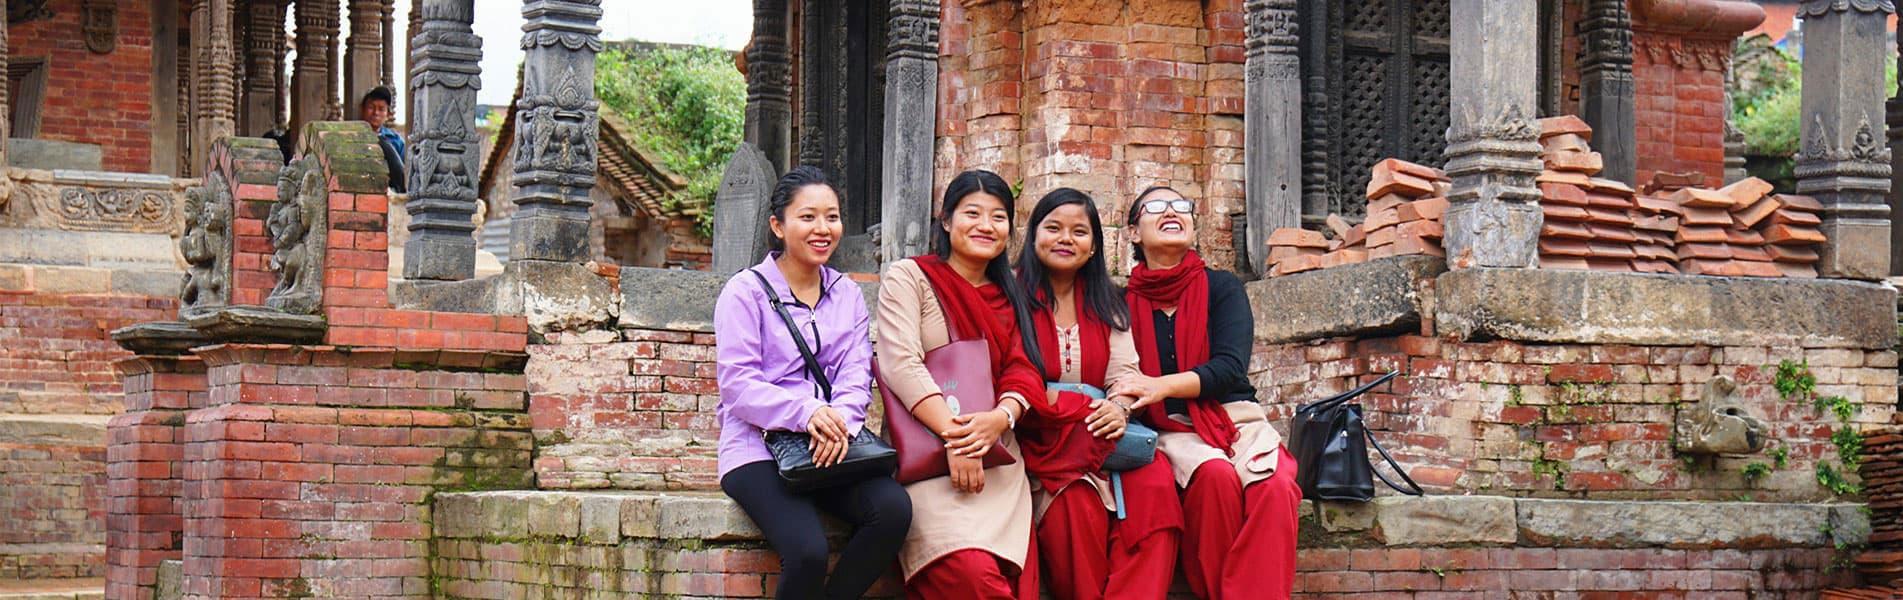 Loal people in Nepal